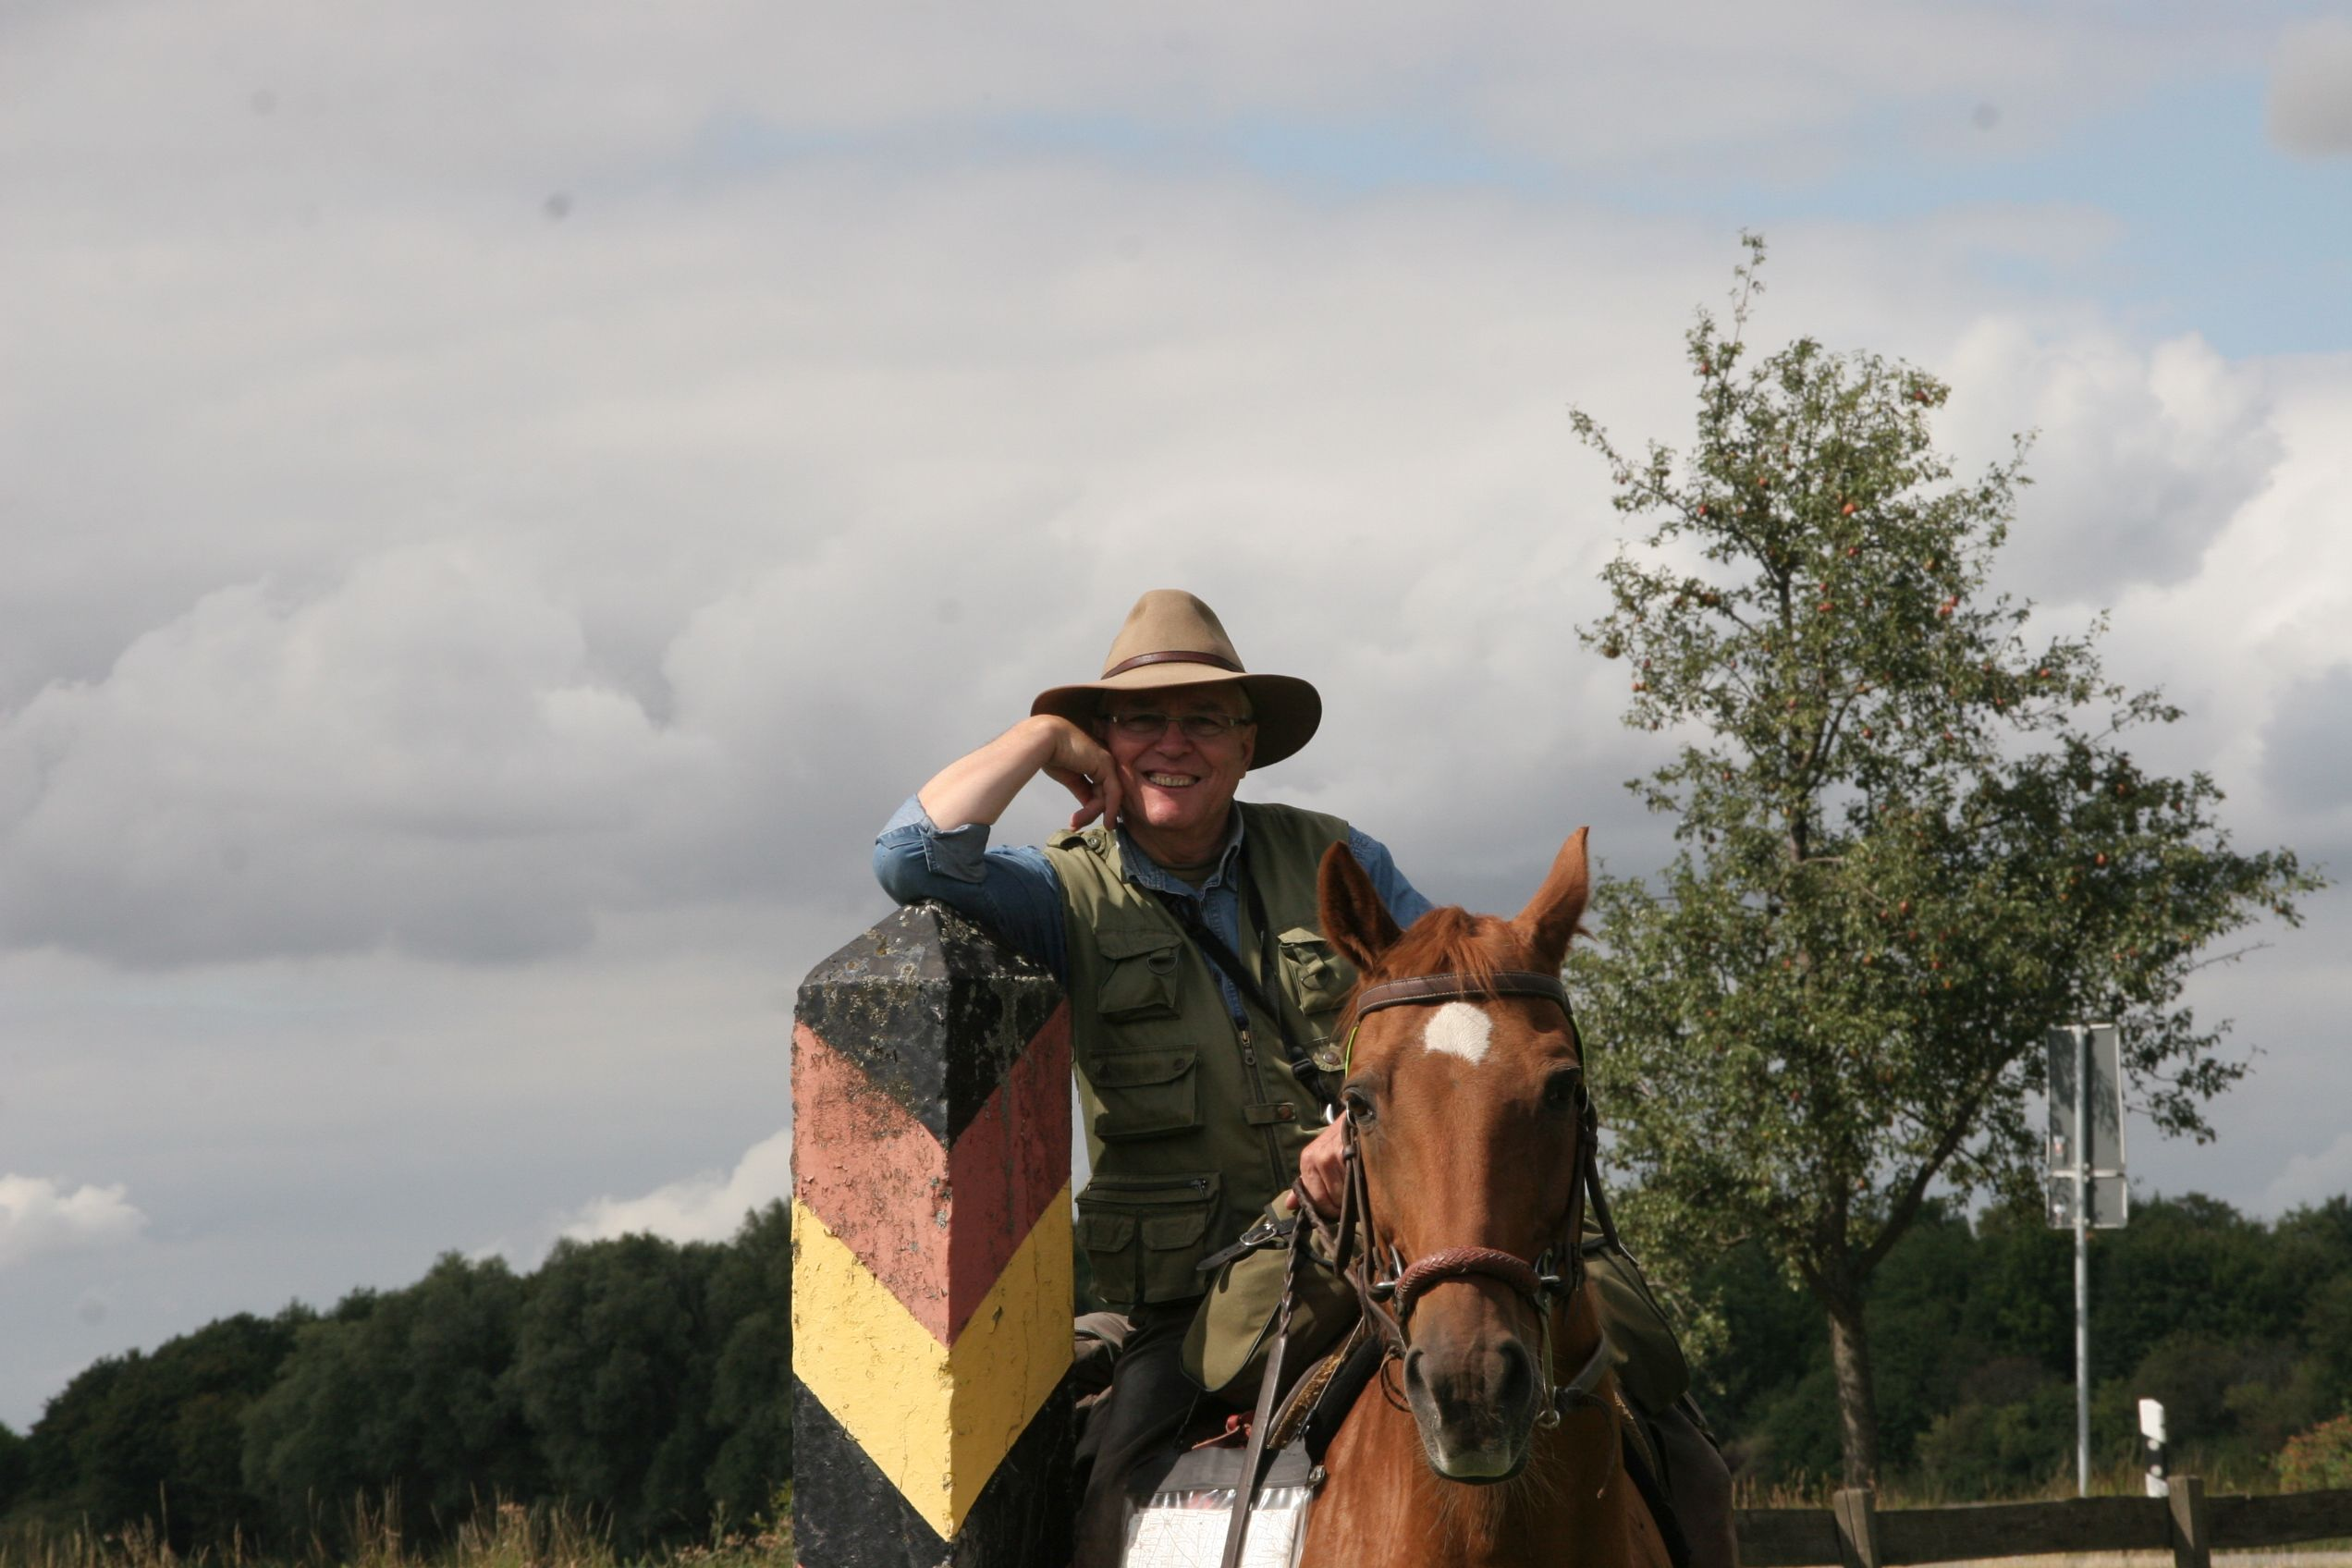 Auf dem Pferd die Grenze entlang